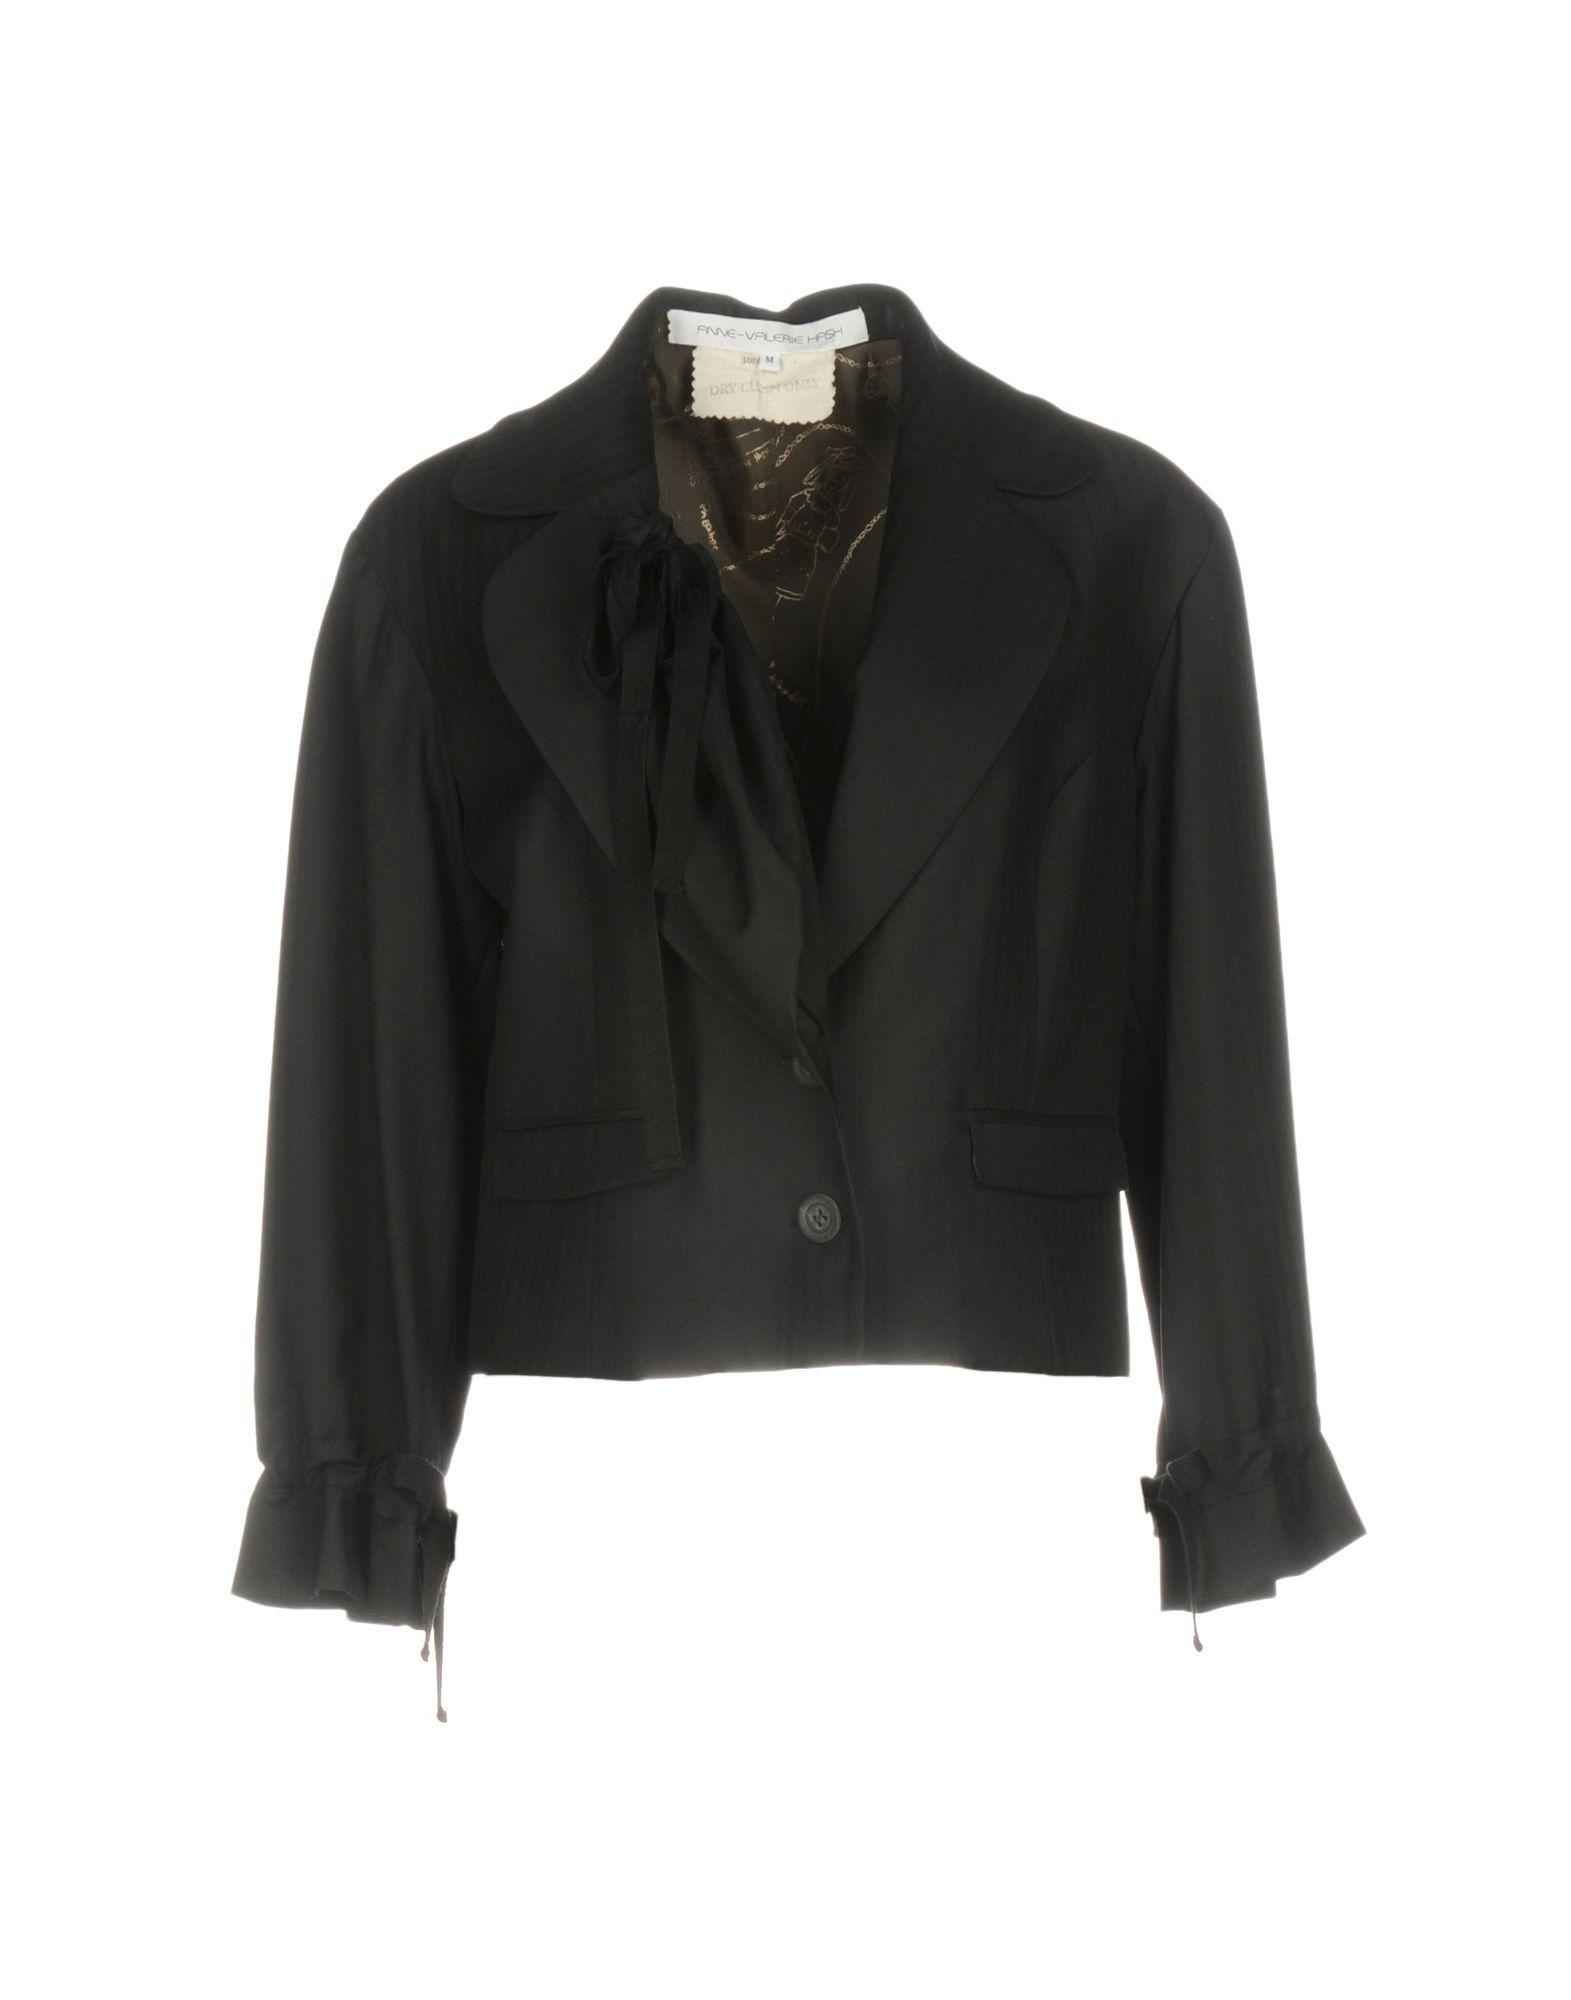 《送料無料》ANNE VALERIE HASH レディース テーラードジャケット ブラック M ウール 100%